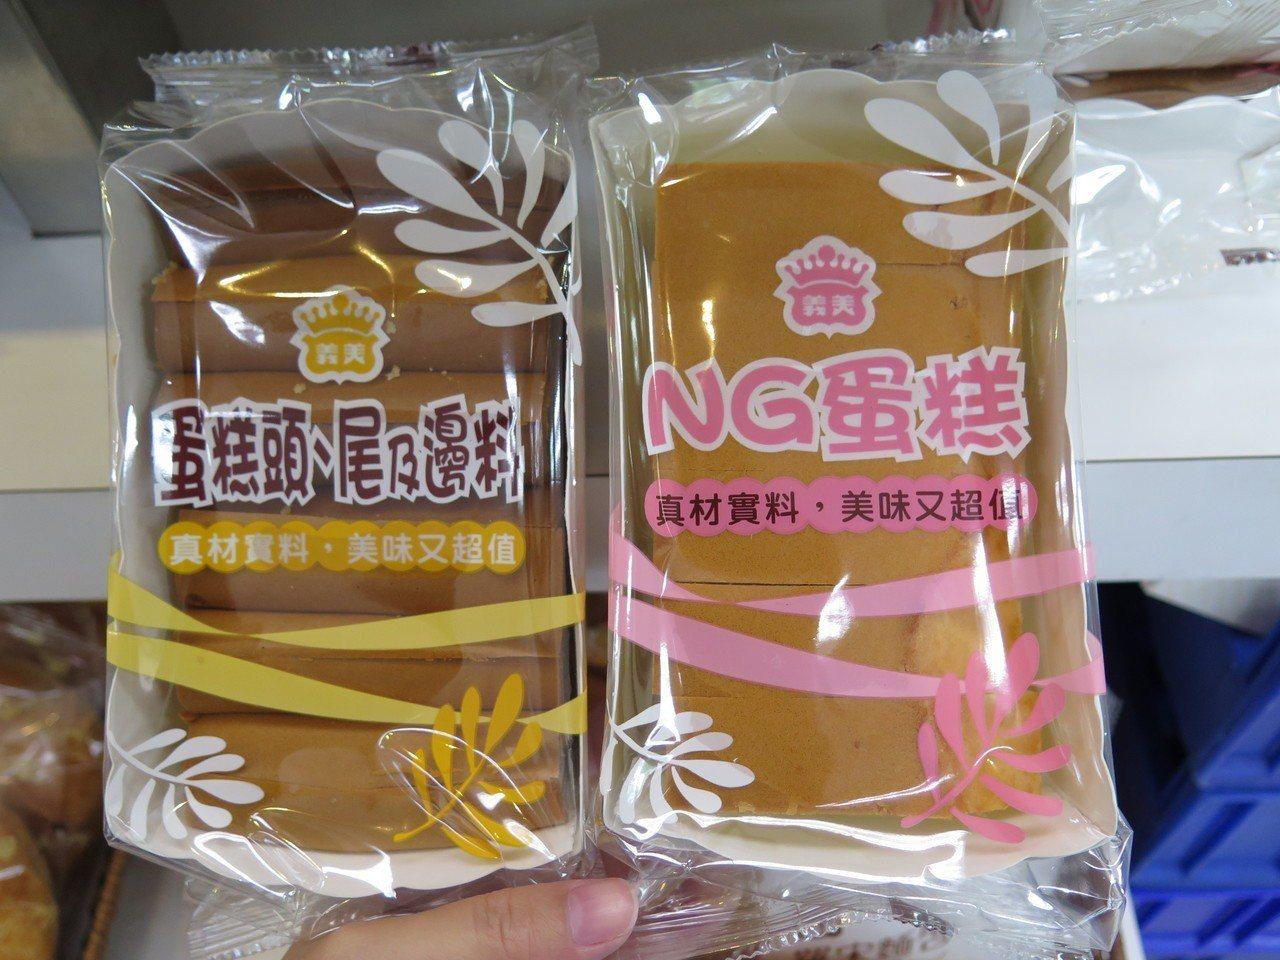 義美食品也將賣相不佳蜂蜜蛋糕或頭尾邊料製作成商品到門市販售。記者張裕珍/攝影